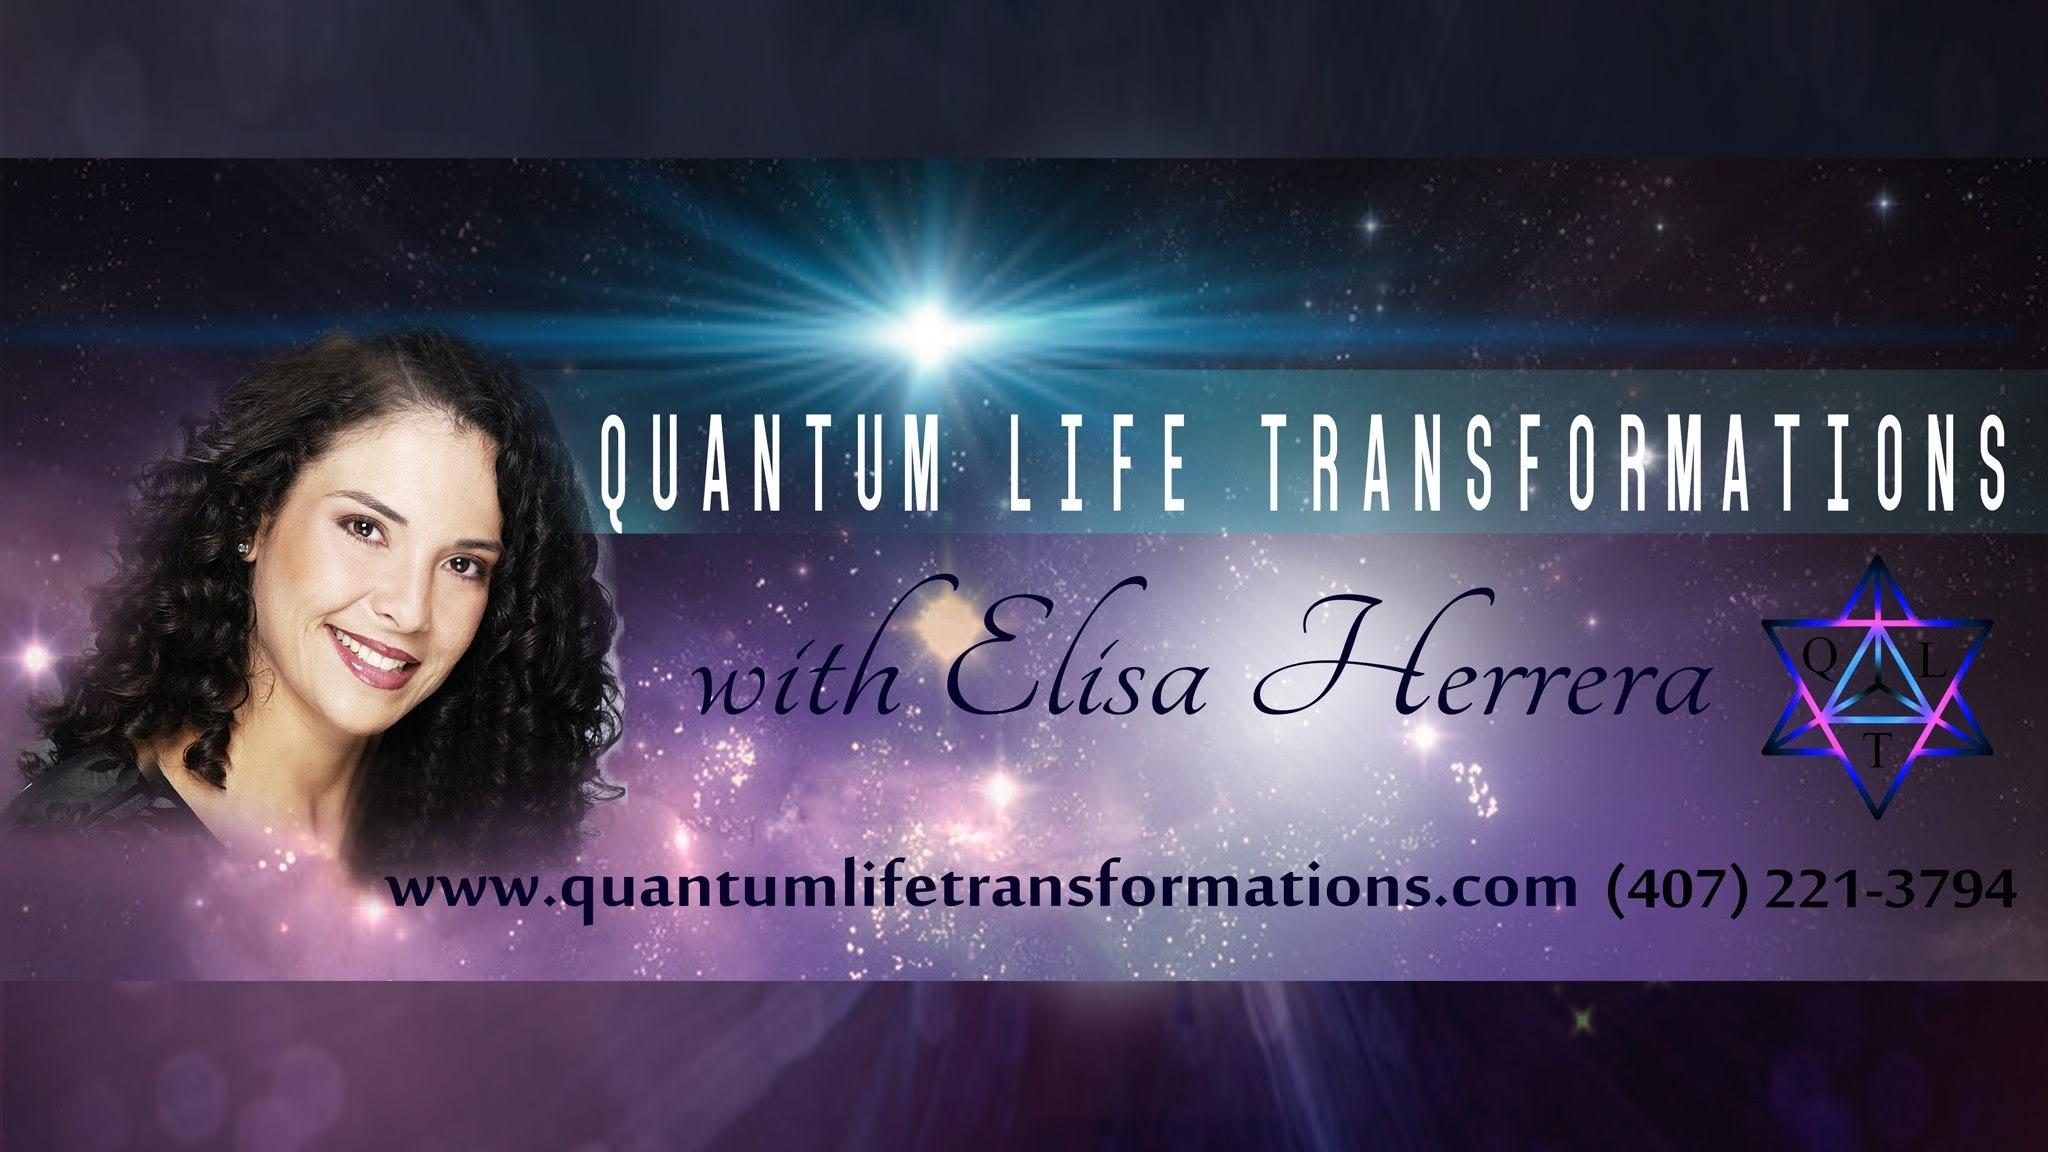 Quantum Healing of the Soul